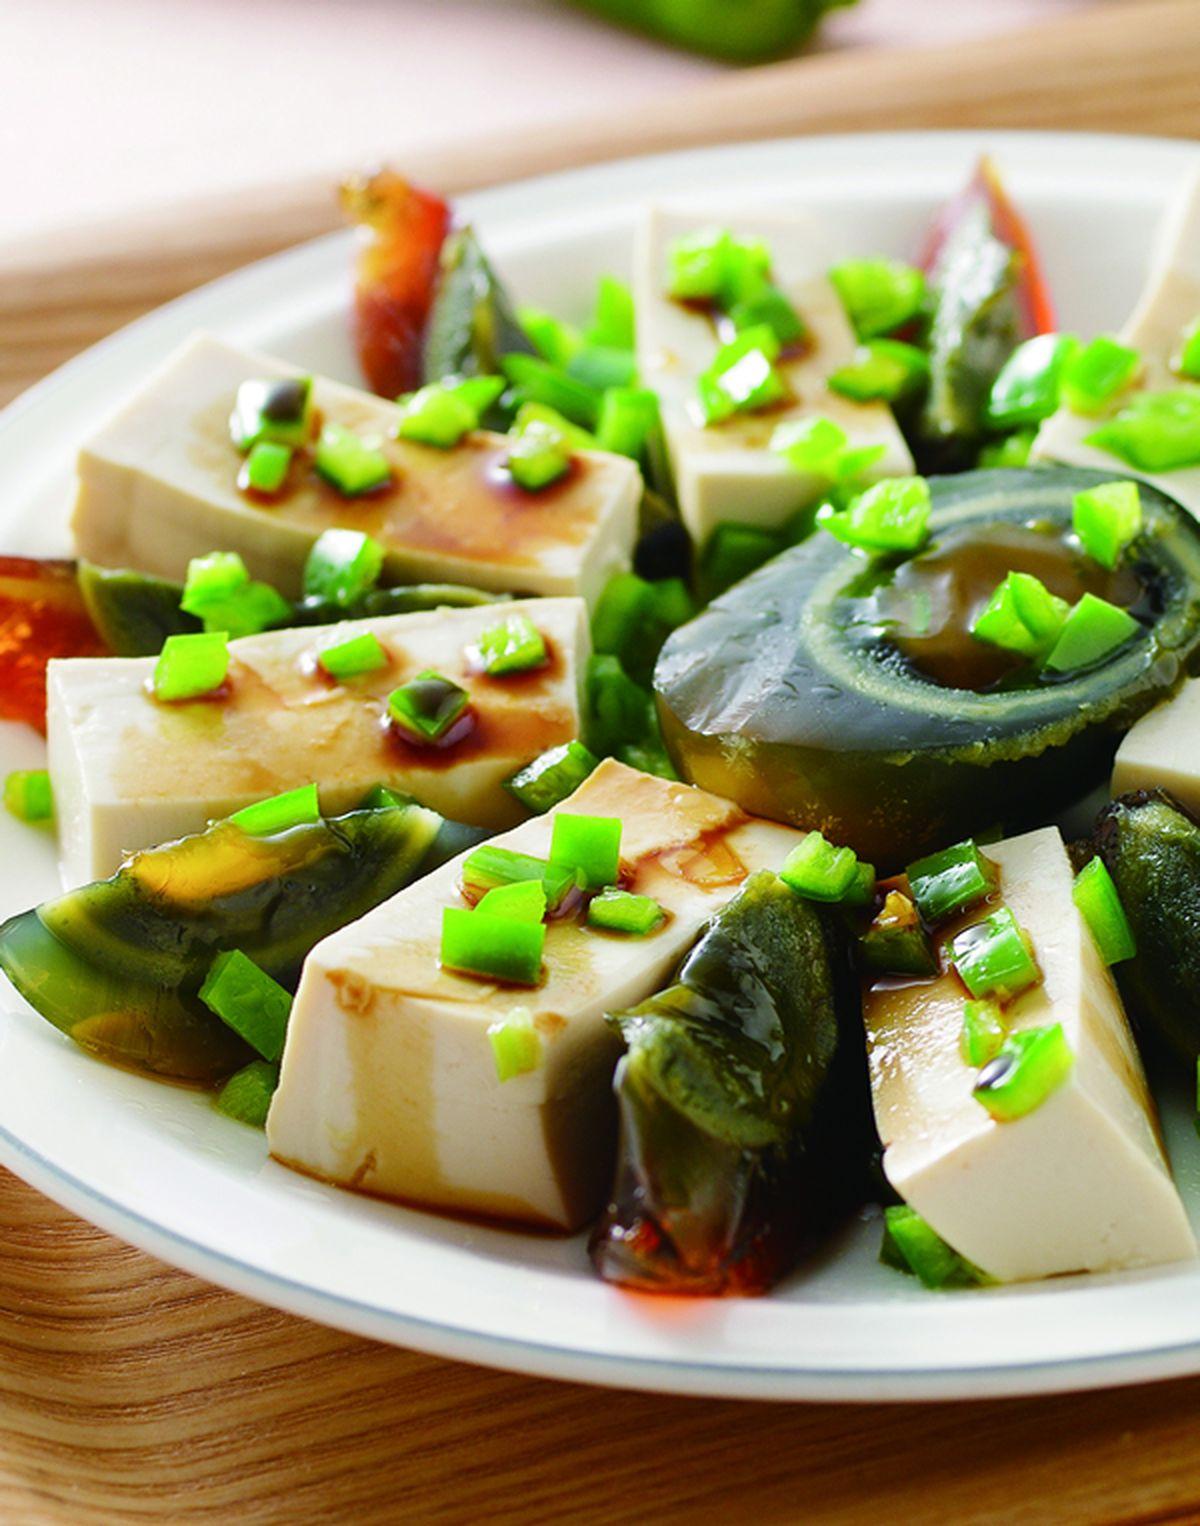 食譜:牛角椒皮蛋豆腐